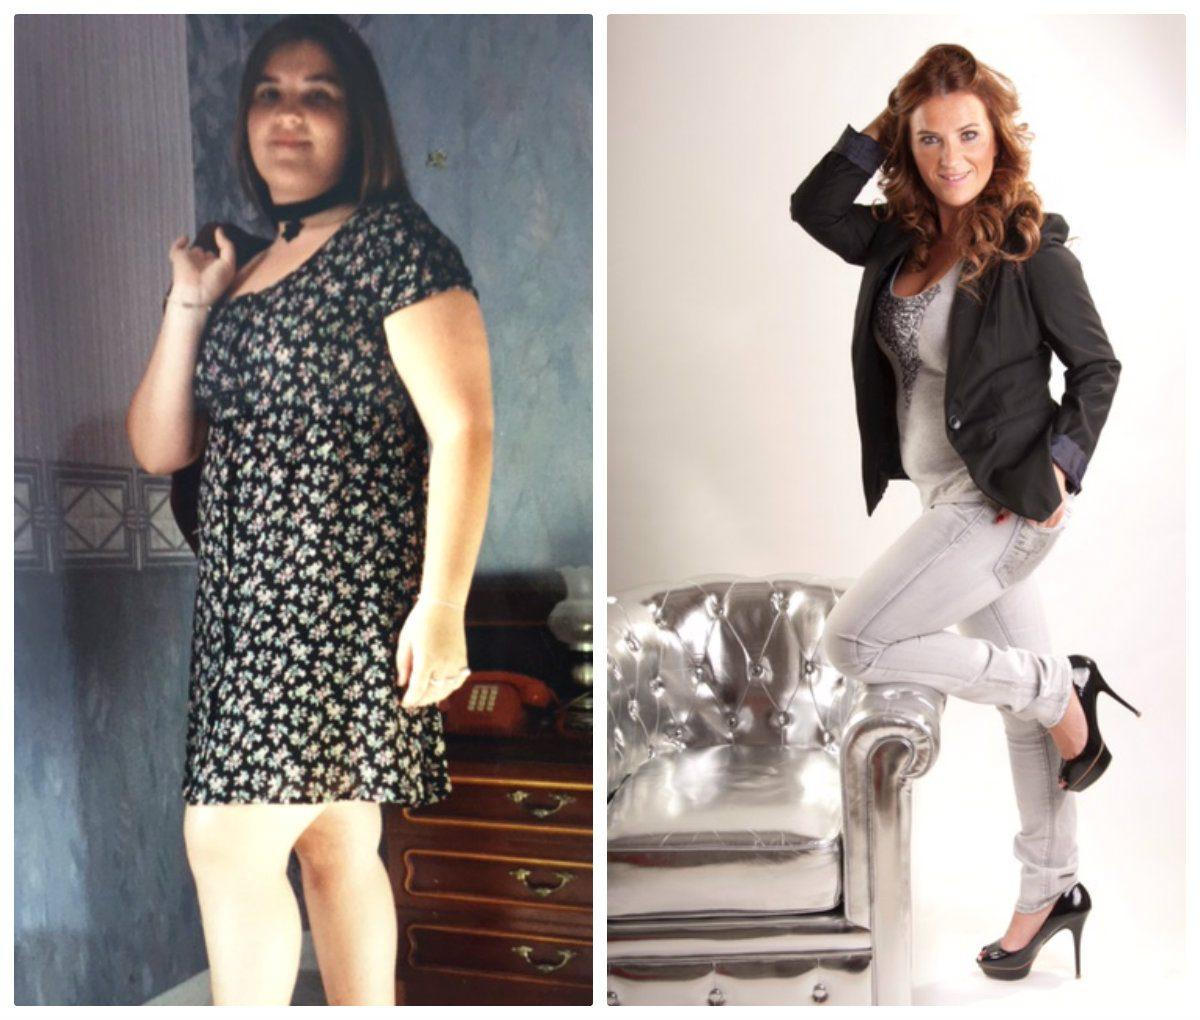 Descubre el caso de Míriam - Cirugía Obesidad Mórbida 793fc9cf517